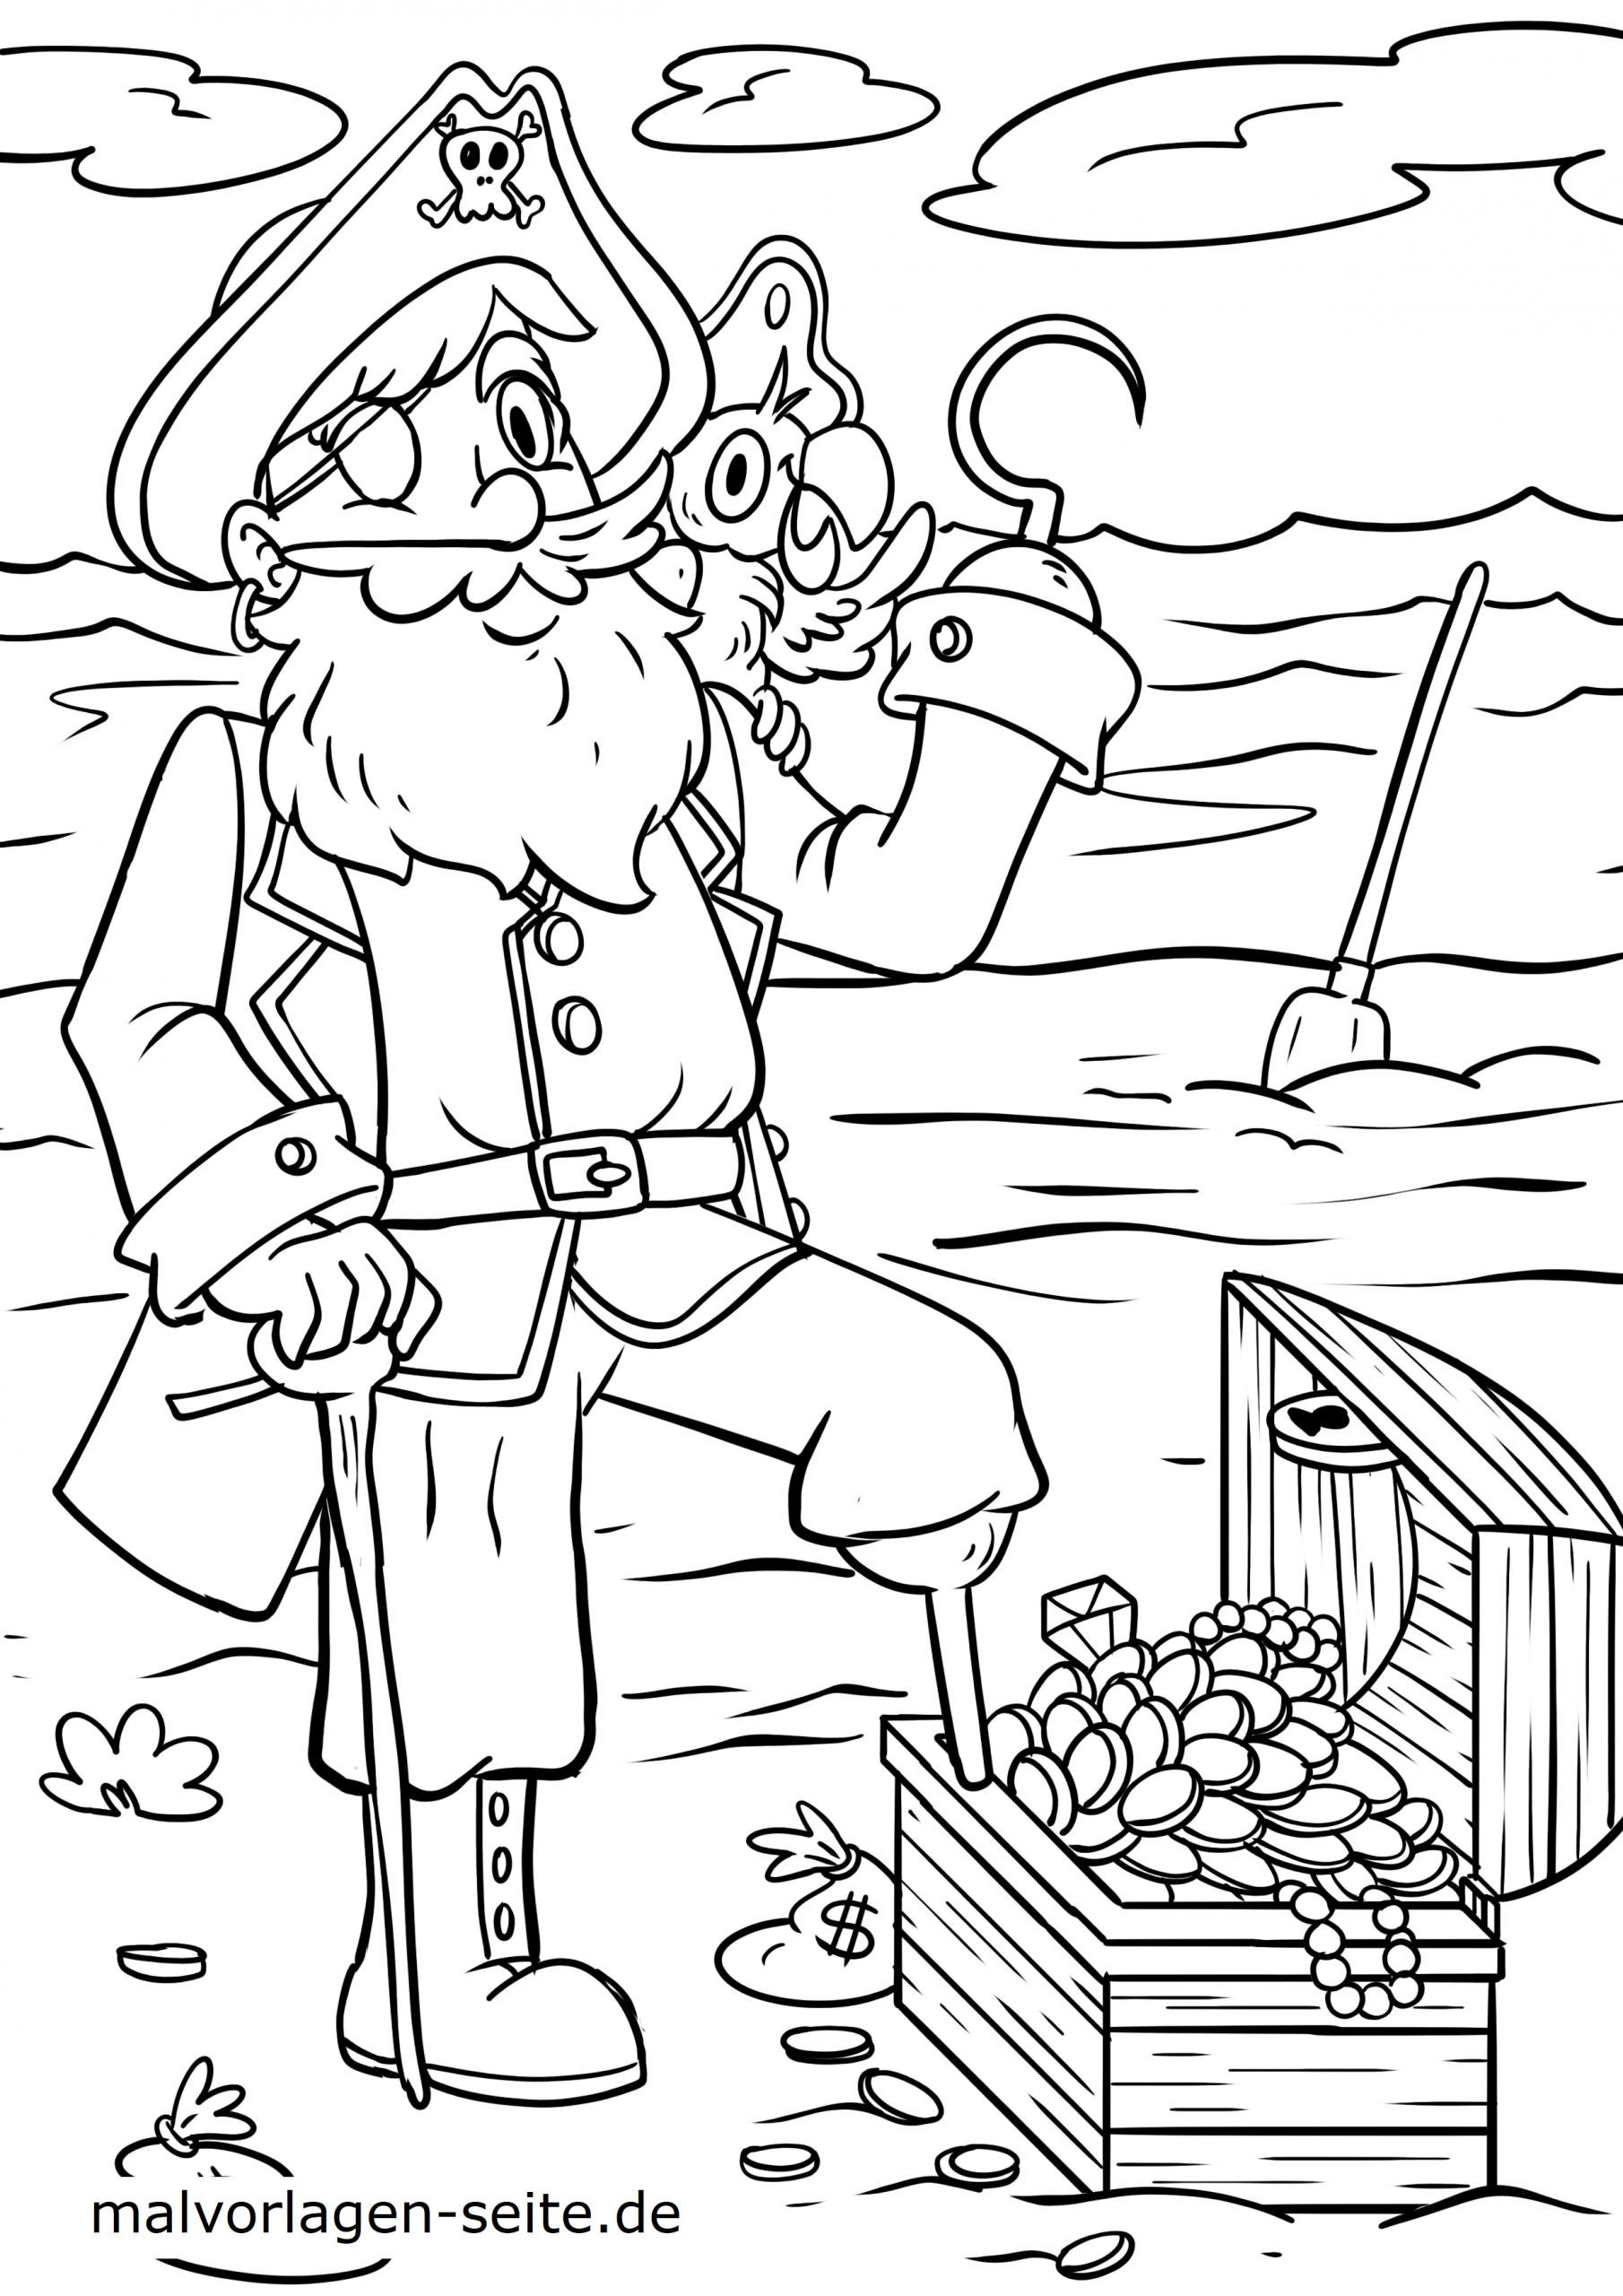 Malvorlage Pirat - Ausmalbilder Kostenlos Herunterladen bestimmt für Pirat Malvorlage